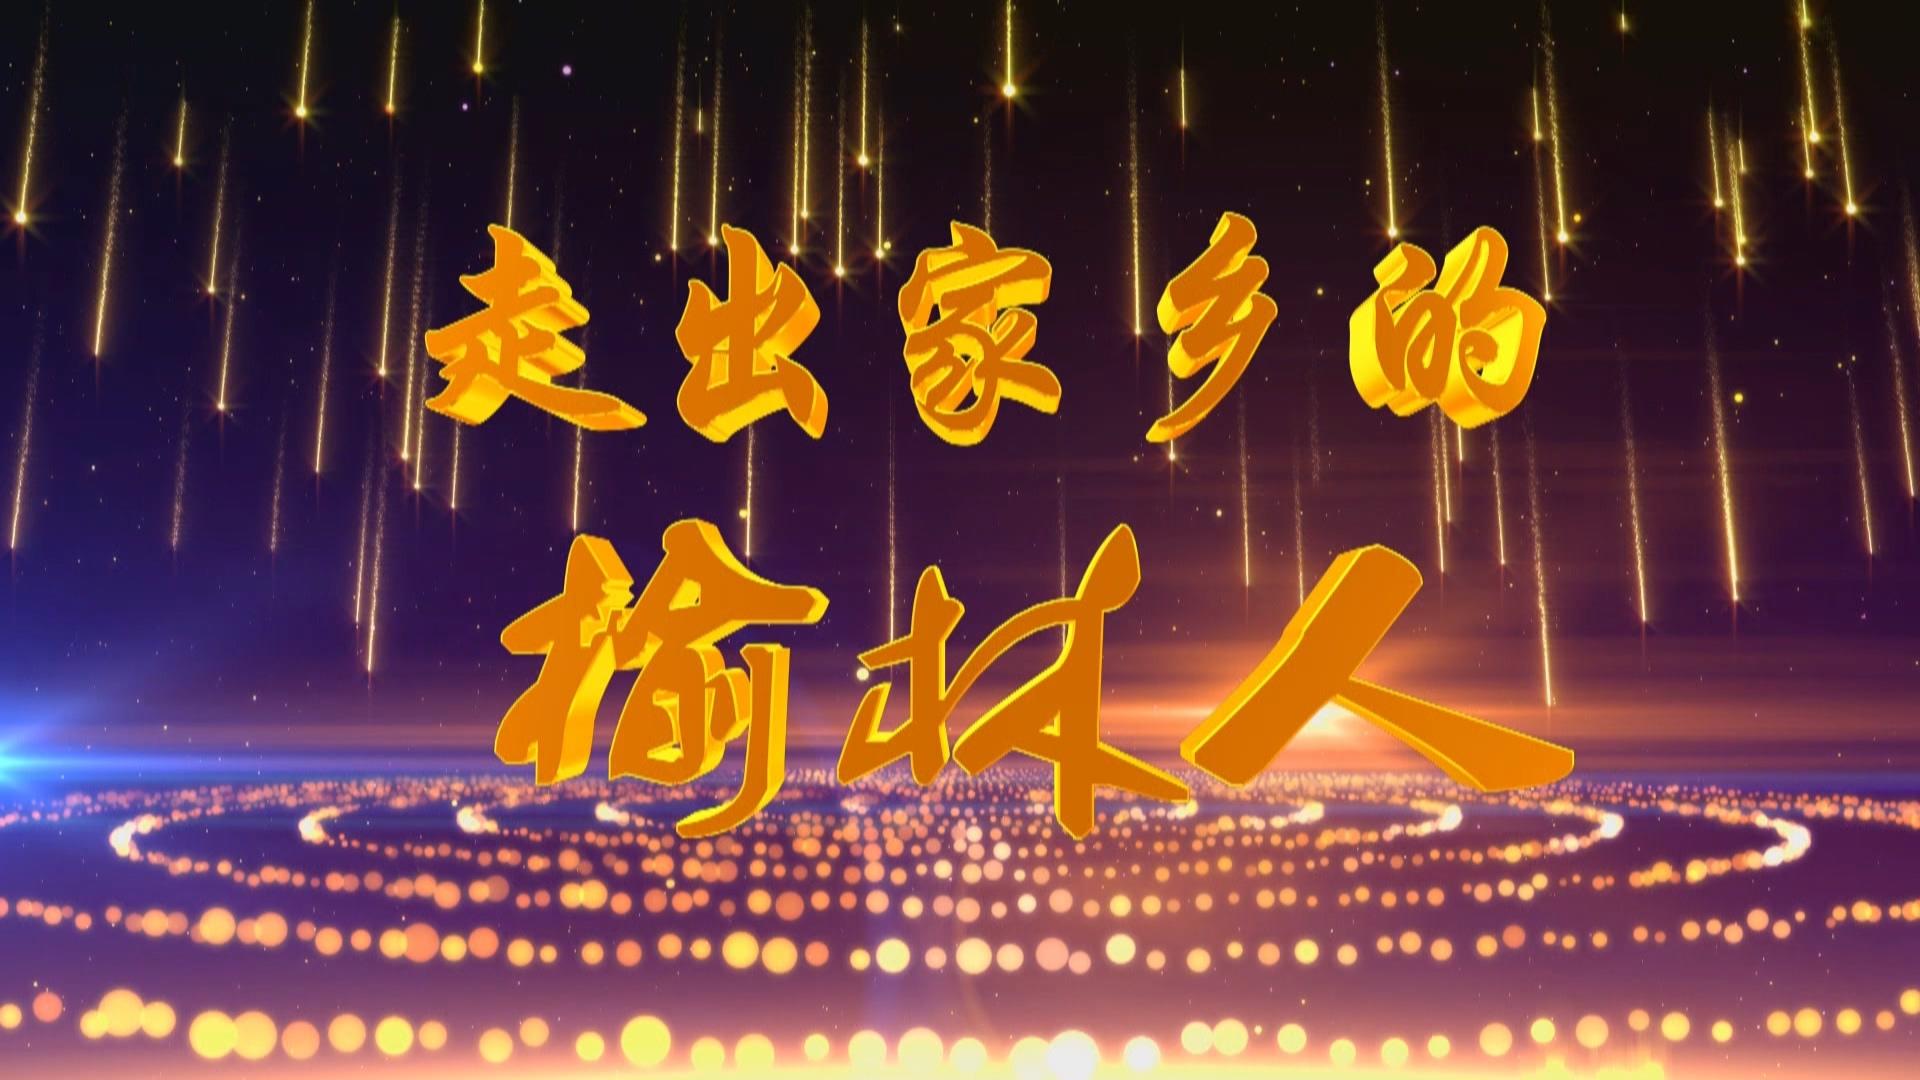 【走出家鄉的榆林人】永遠的鄉土情懷 訪發展中國家科學院院士劉彥隨(下集)